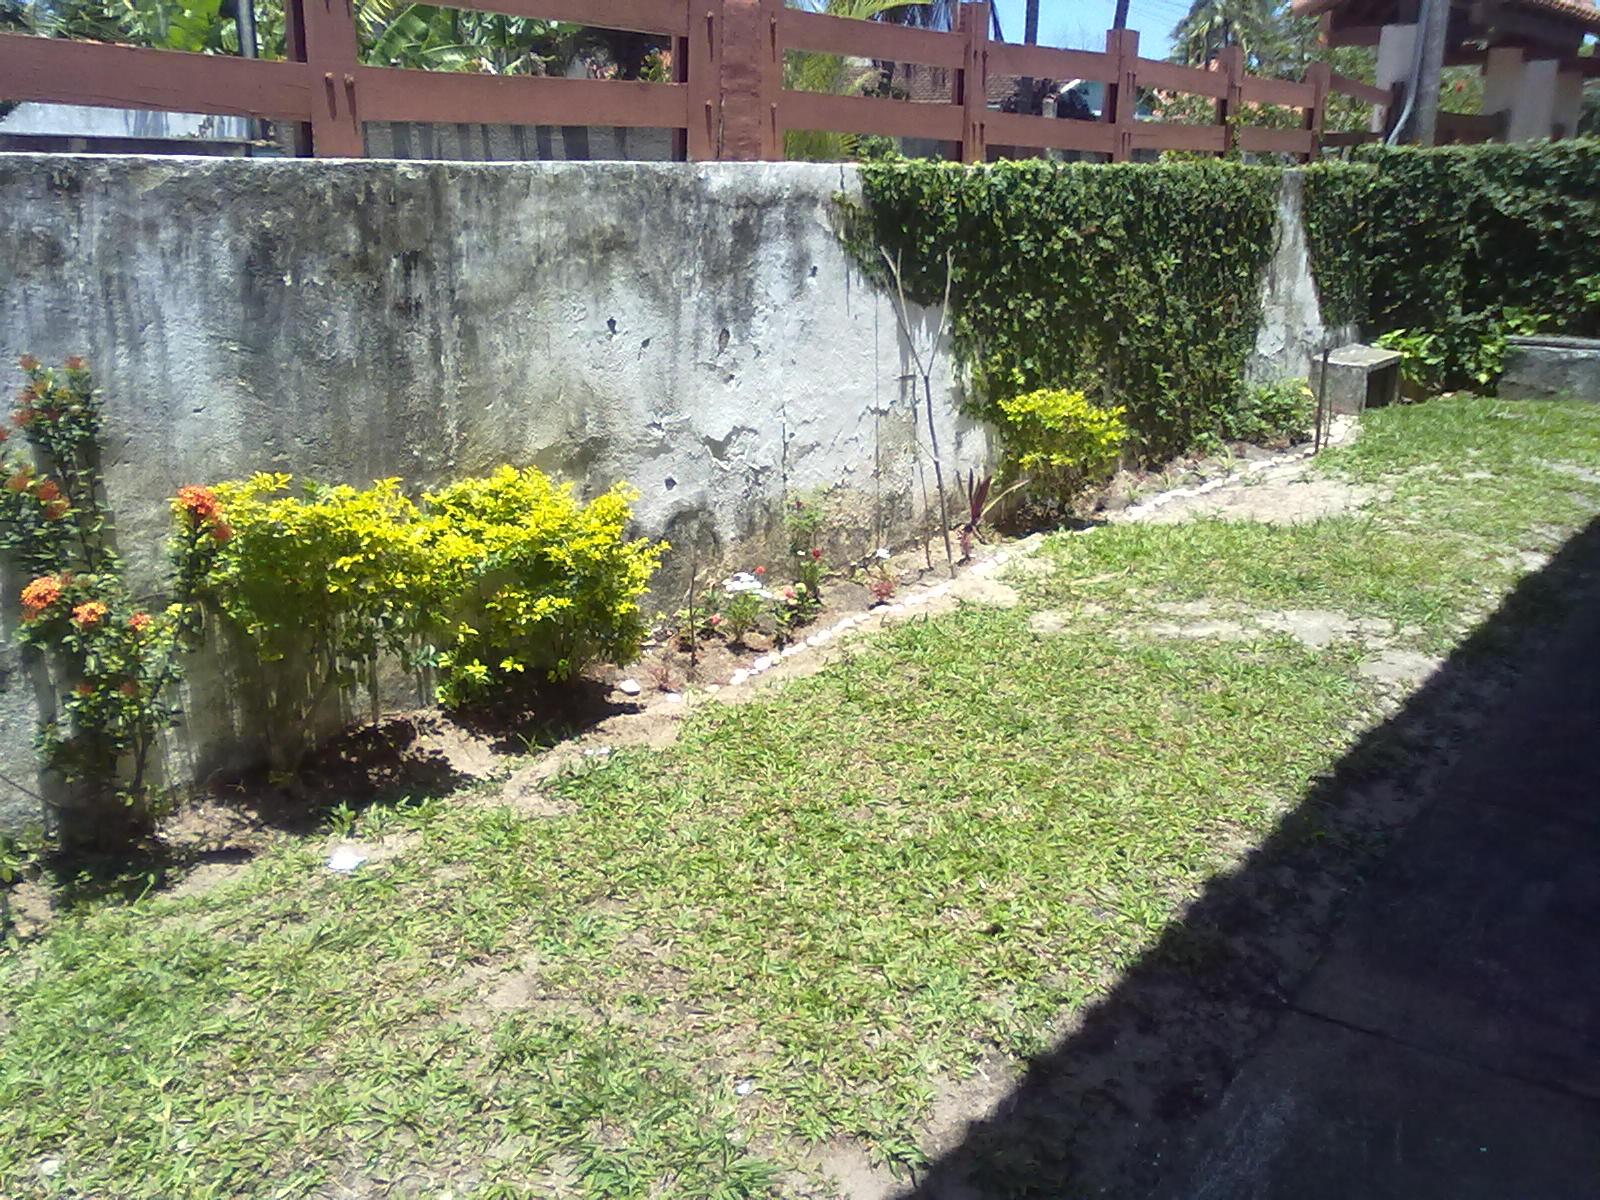 pedras para jardim rio de janeiro:Esta idéia podemos fazer lá em Saquá, na frente do terreno que hoje